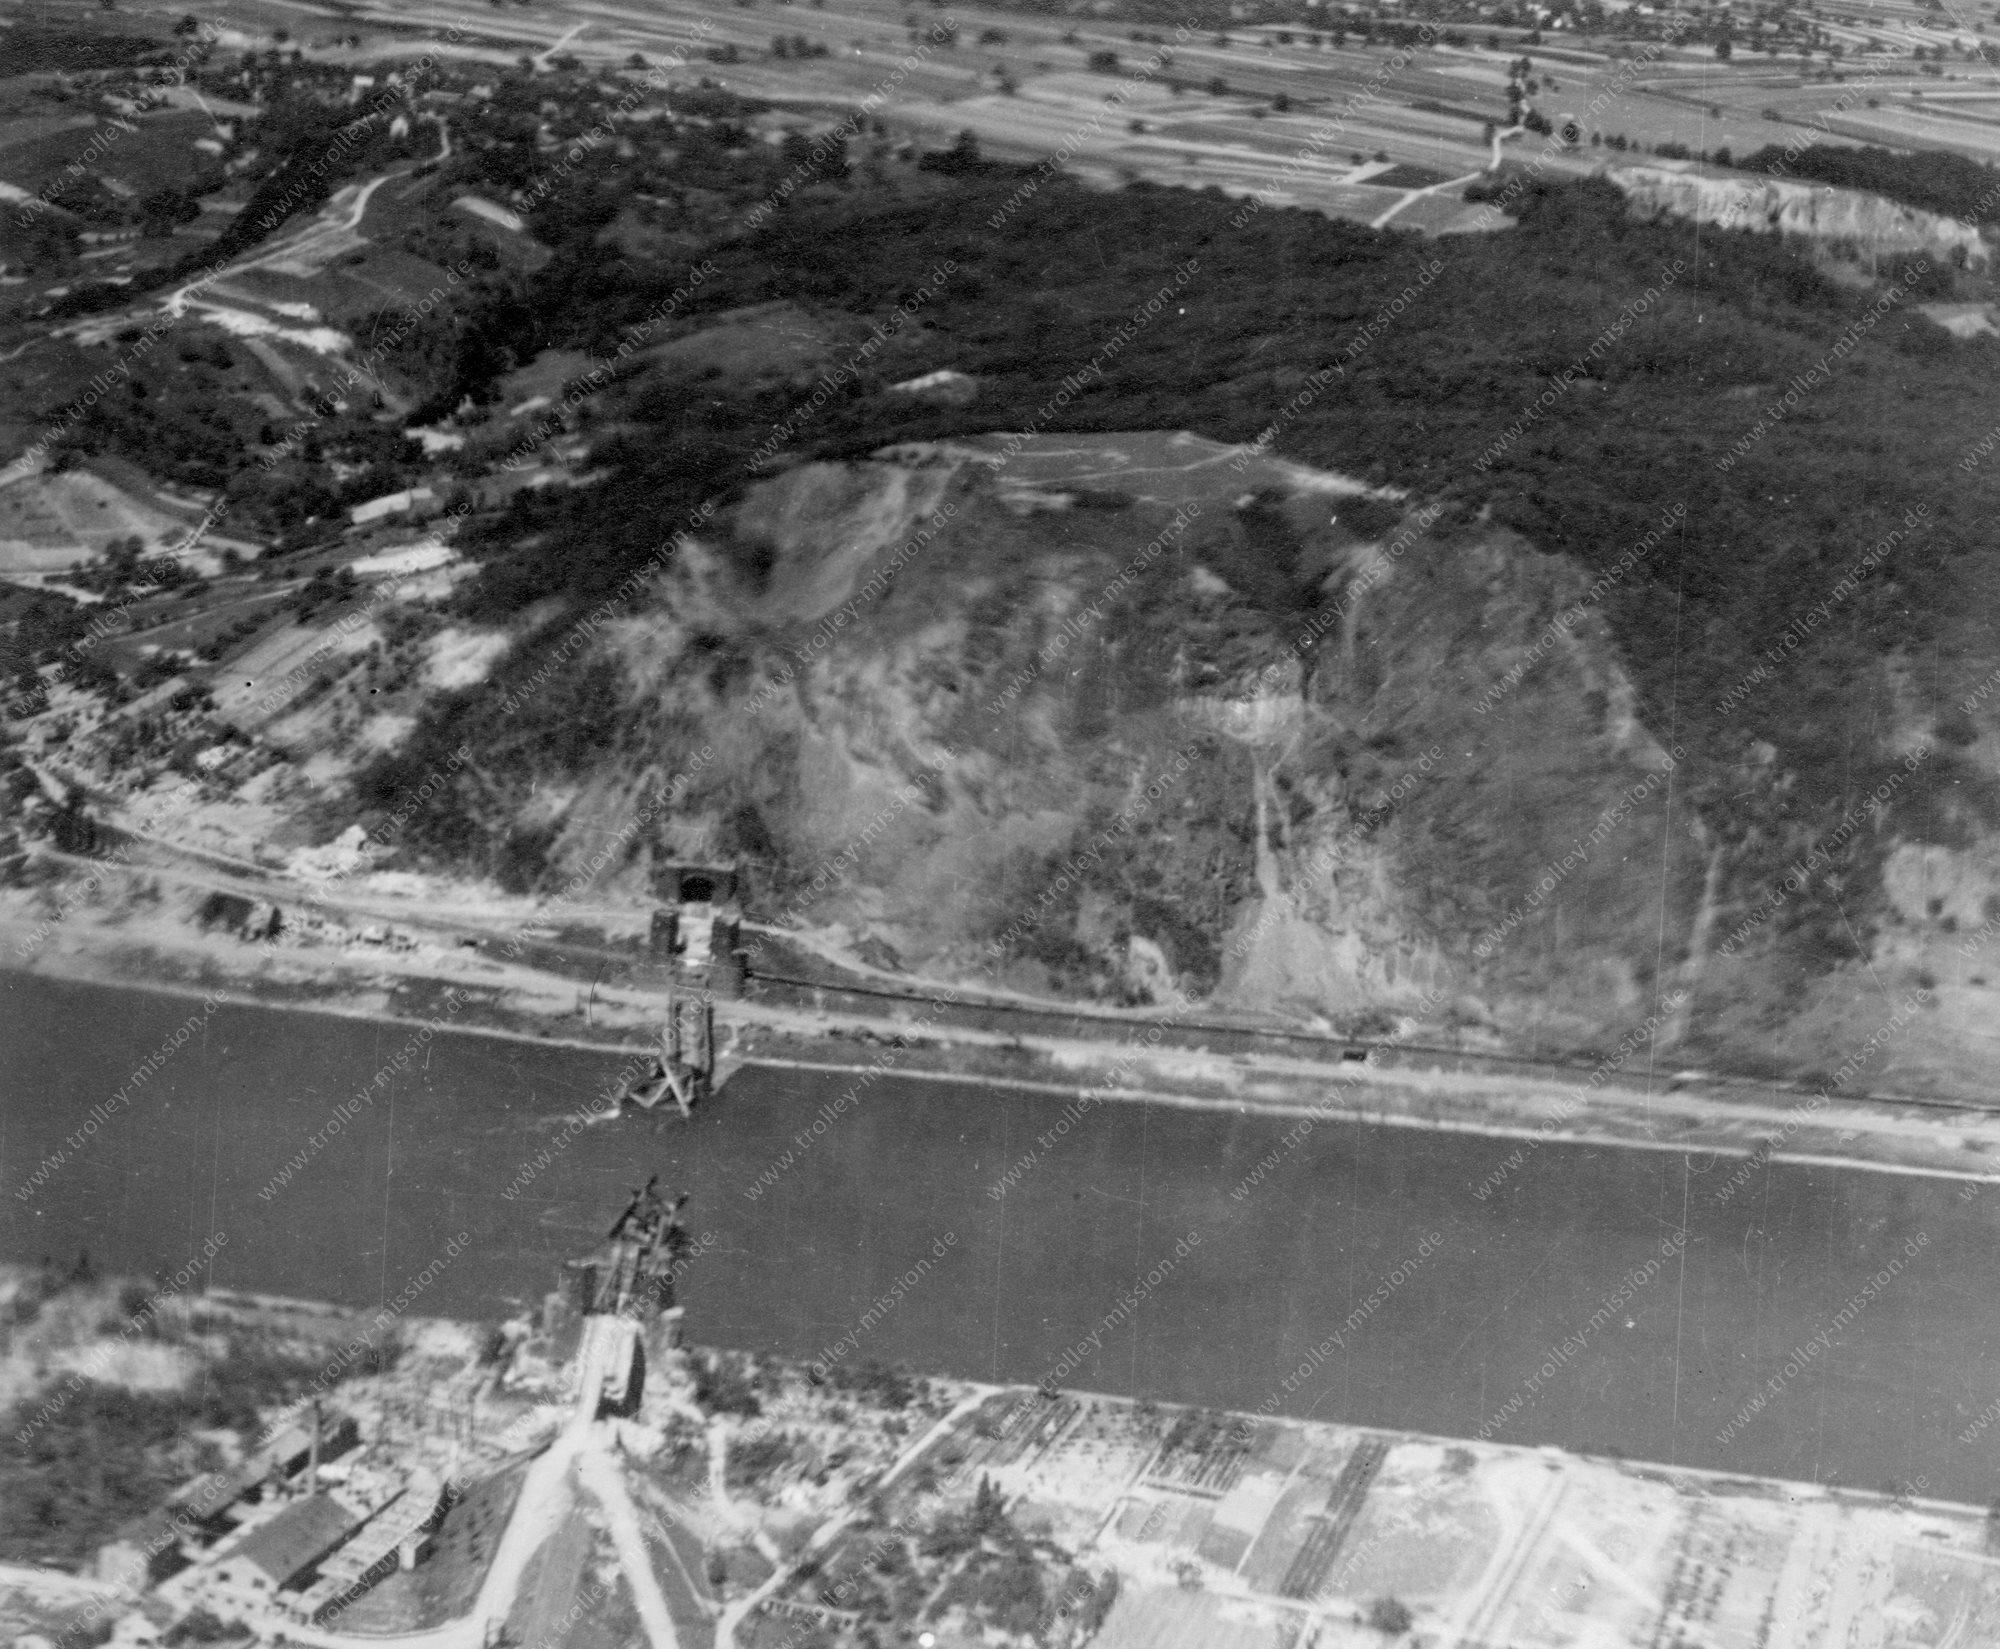 Die Brücke von Remagen bzw. Ludendorff-Brücke - Luftbild der Eisenbahnbrücke über den Rhein zwischen Remagen und Erpel